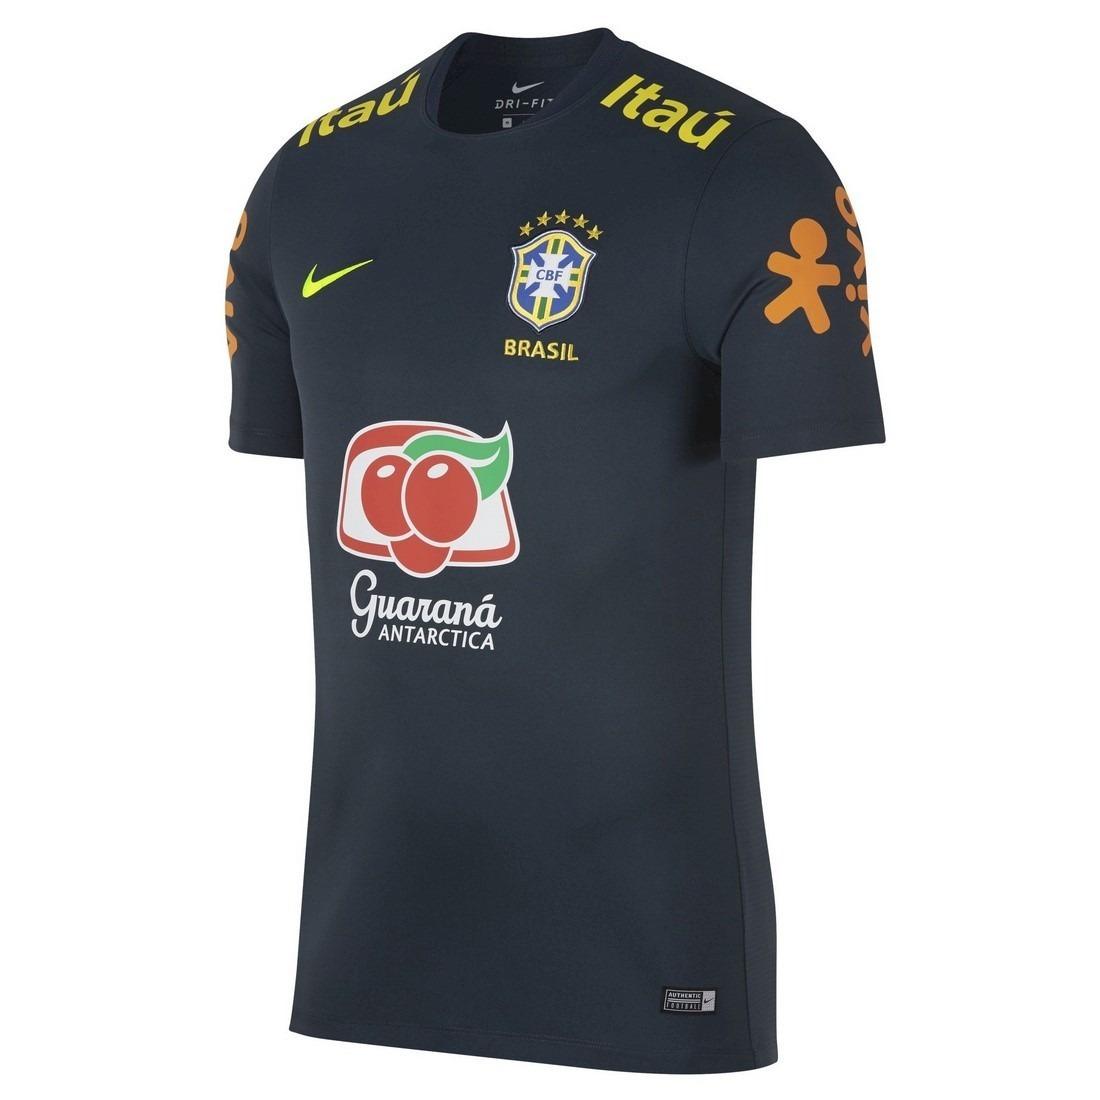 598d1dfb3d713 camisa brasil seleção brasileira treino pre jogo verde nova. Carregando  zoom.